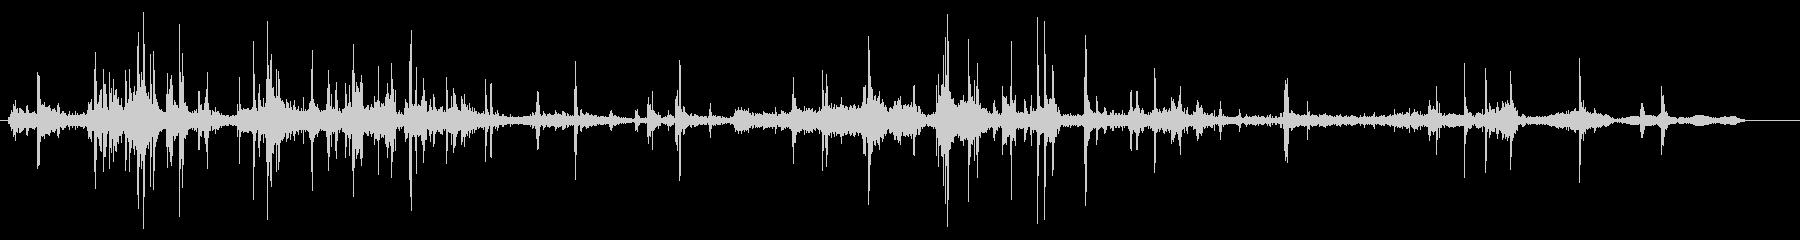 ガサゴソ紙を丸める音の未再生の波形